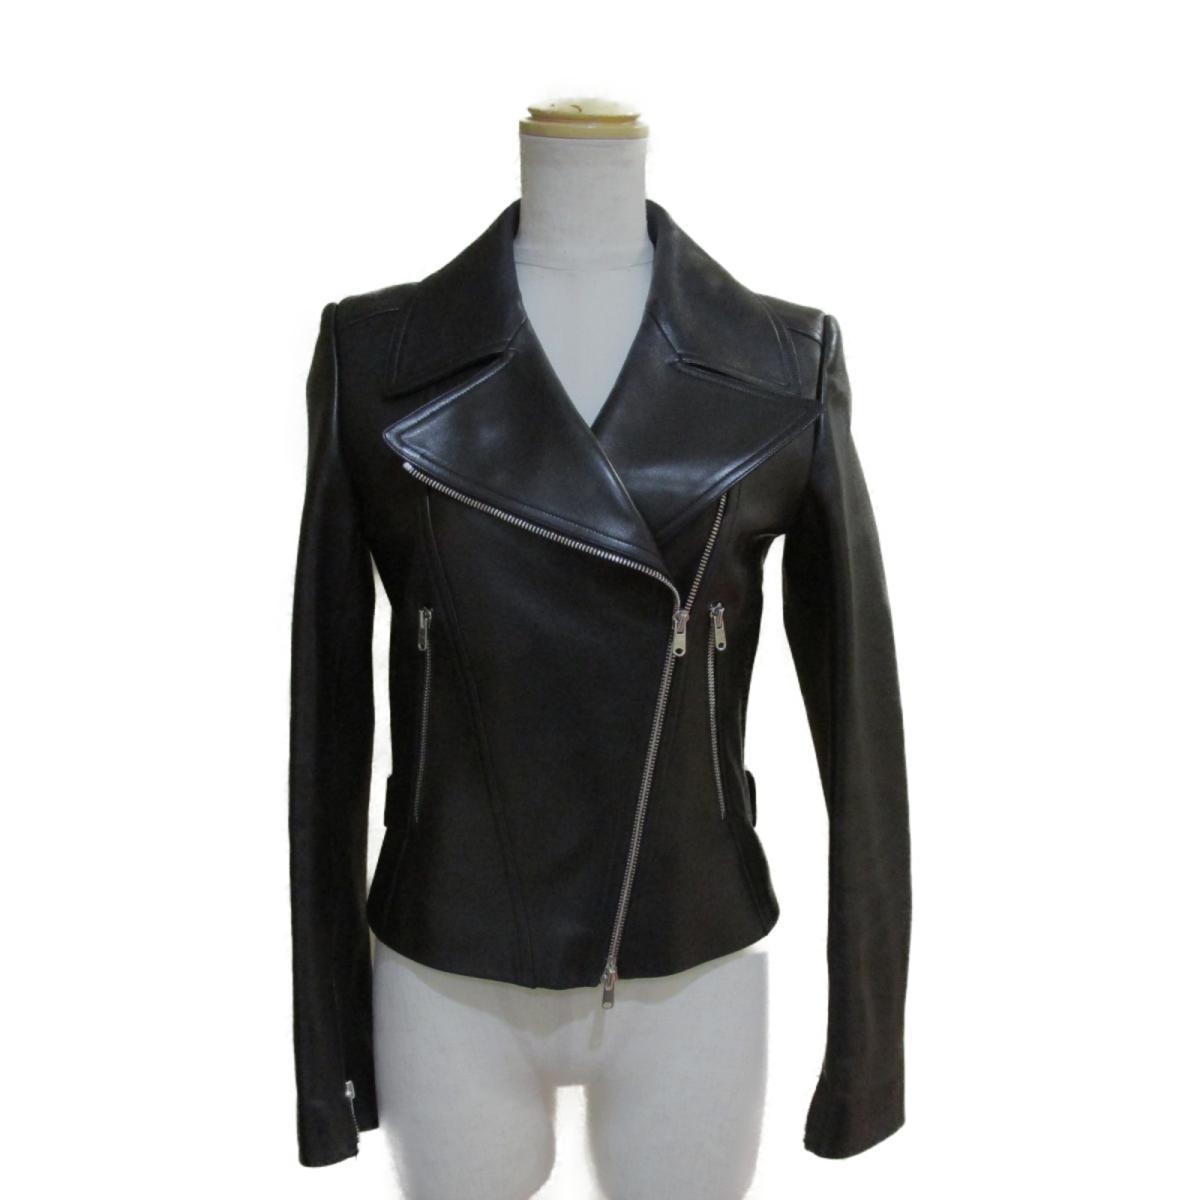 【中古】 アライア ライダース ジャケット レディース 羊革 (ラム)100% ブラック | ALAIA BRANDOFF ブランドオフ 衣料品 衣類 ブランド アウター コート